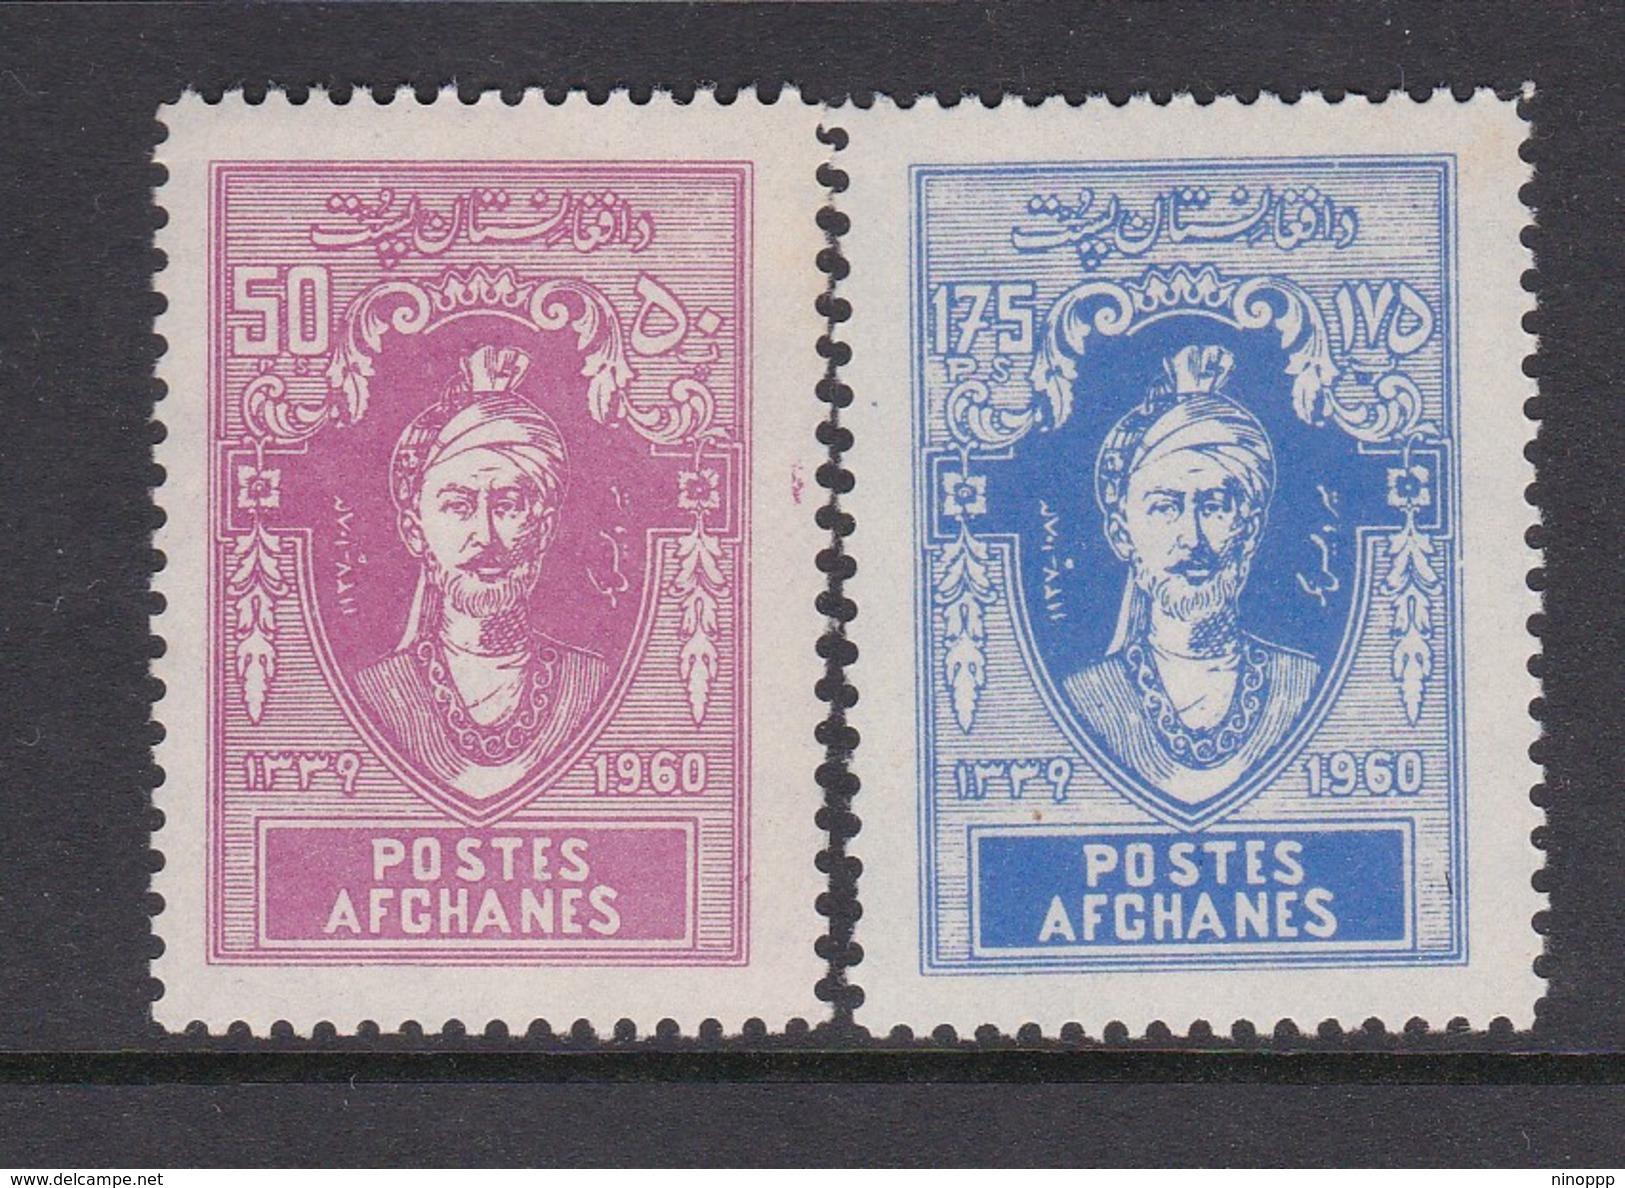 Afghanistan SG 487-488 1960 Mir Wais Nika  MNH - Afghanistan